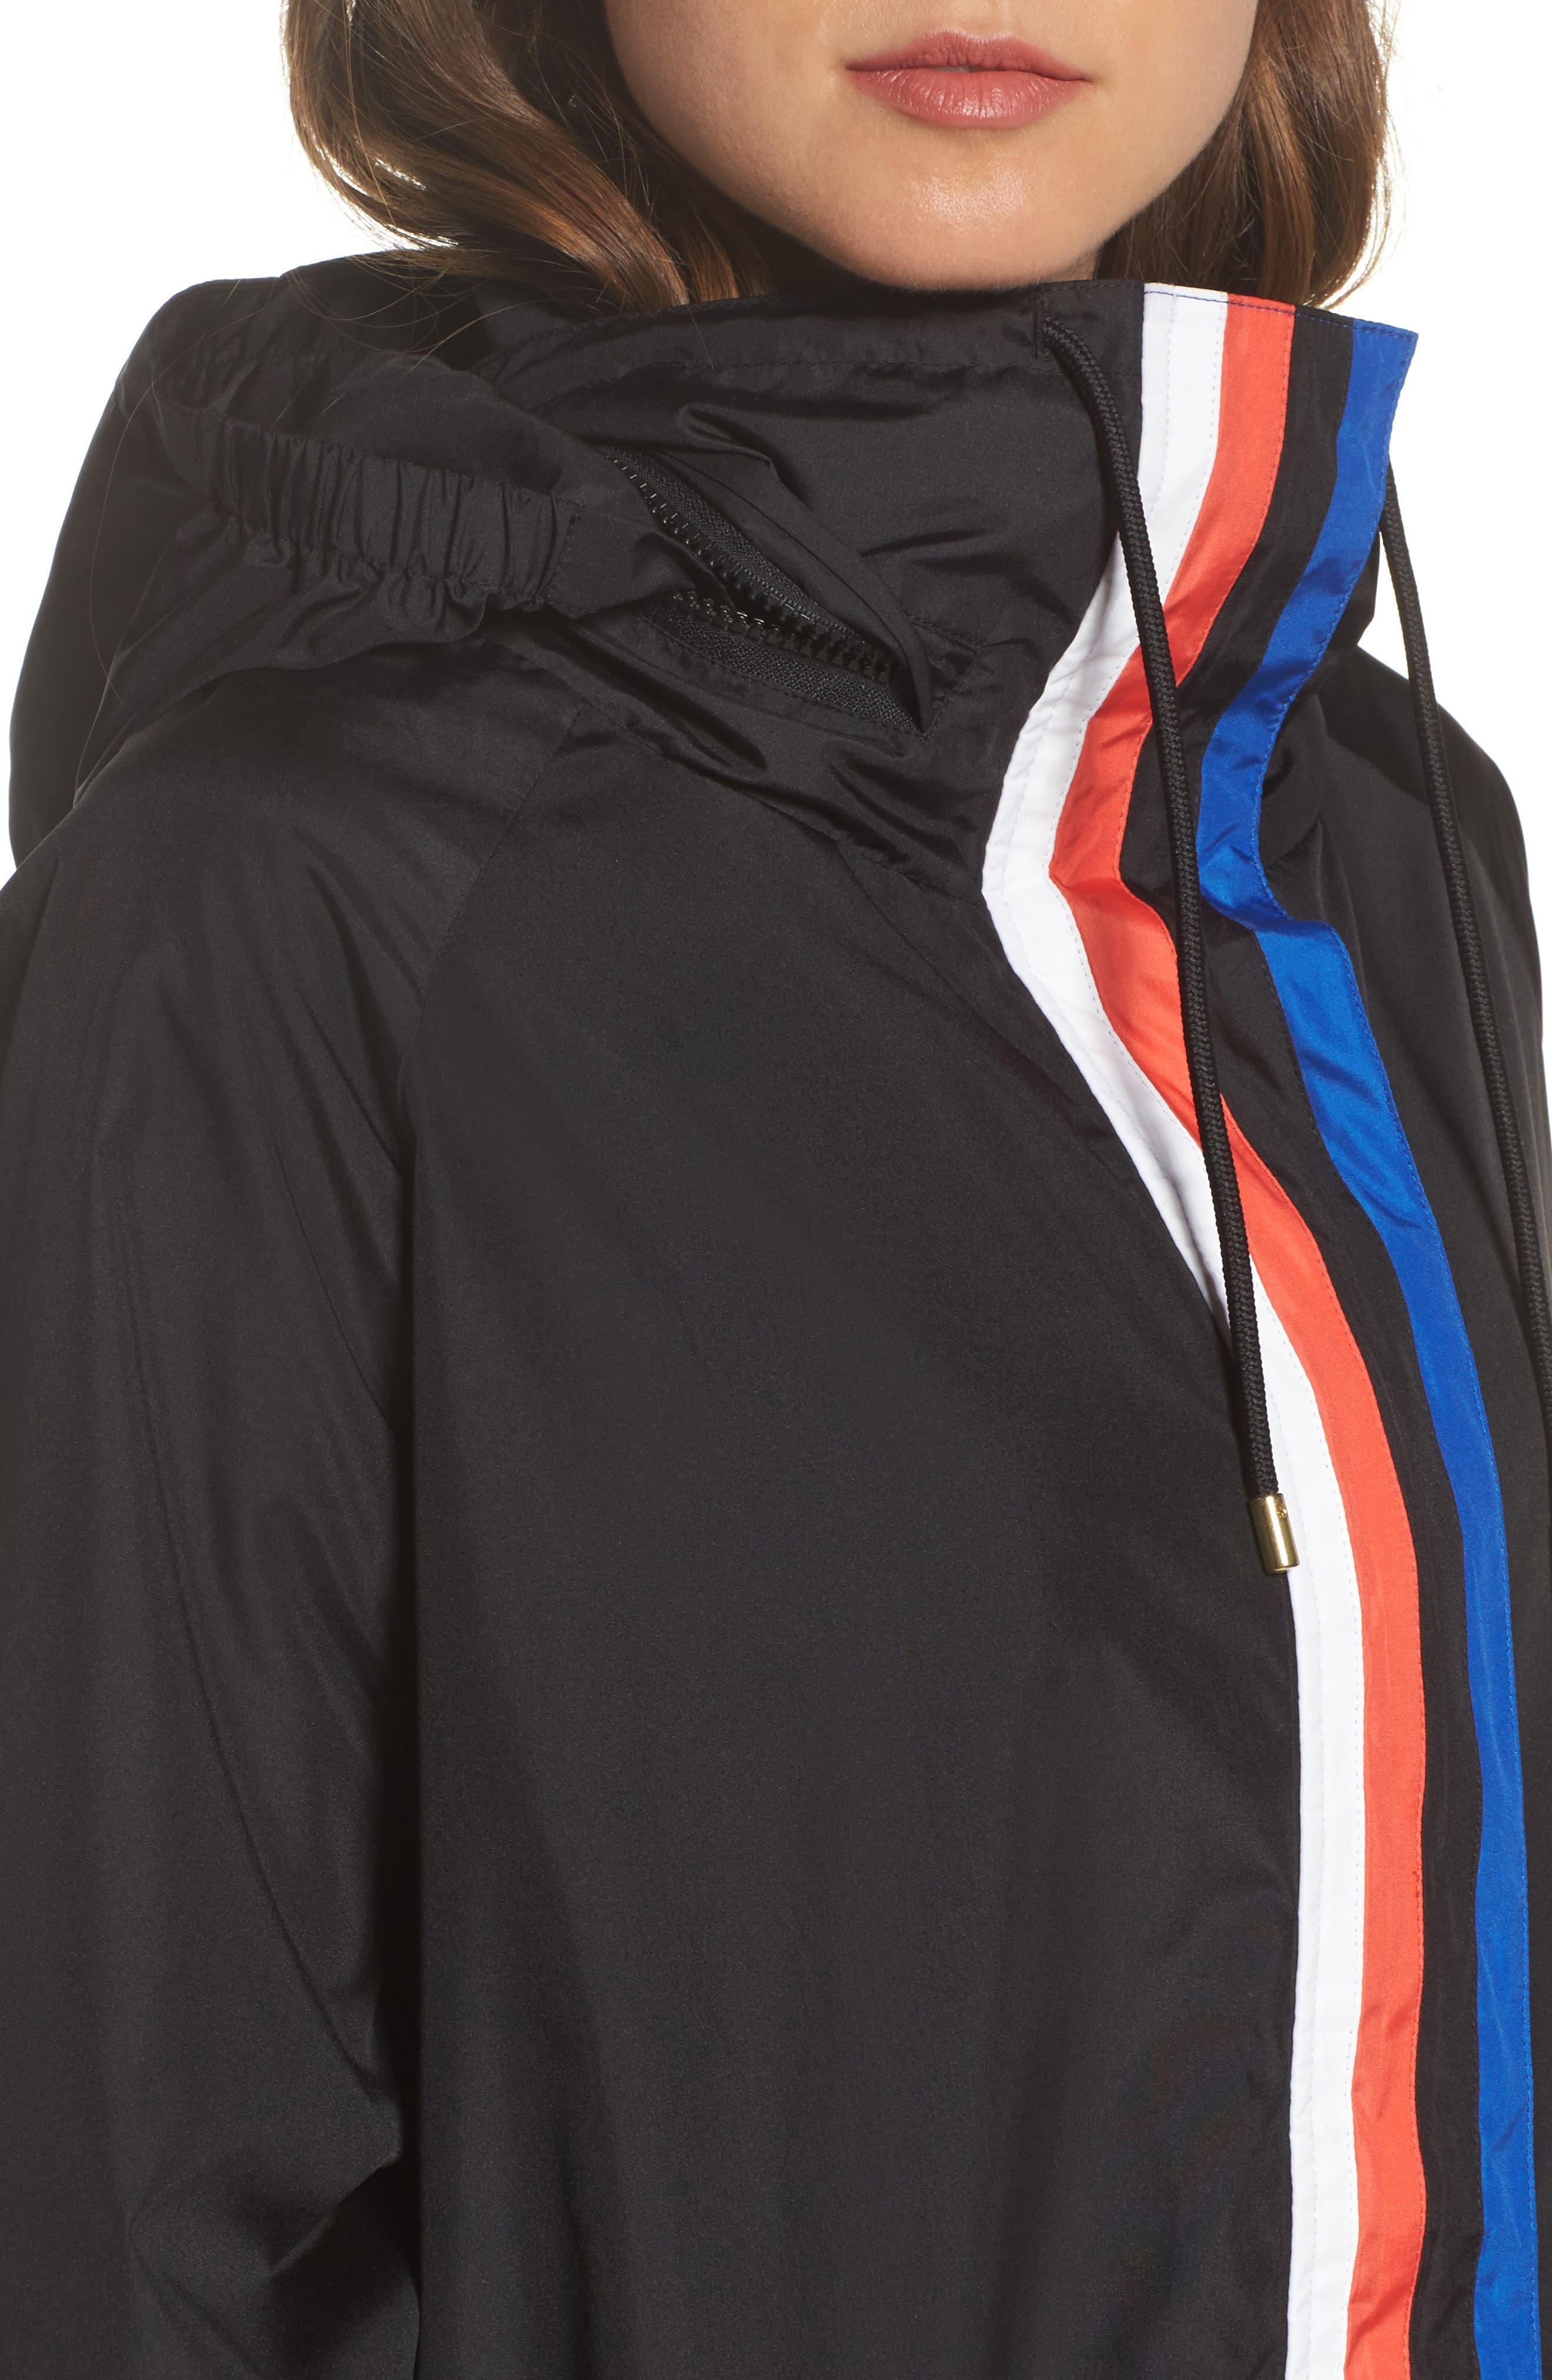 Alternate Image 4  - P.E Nation Back Up Jacket